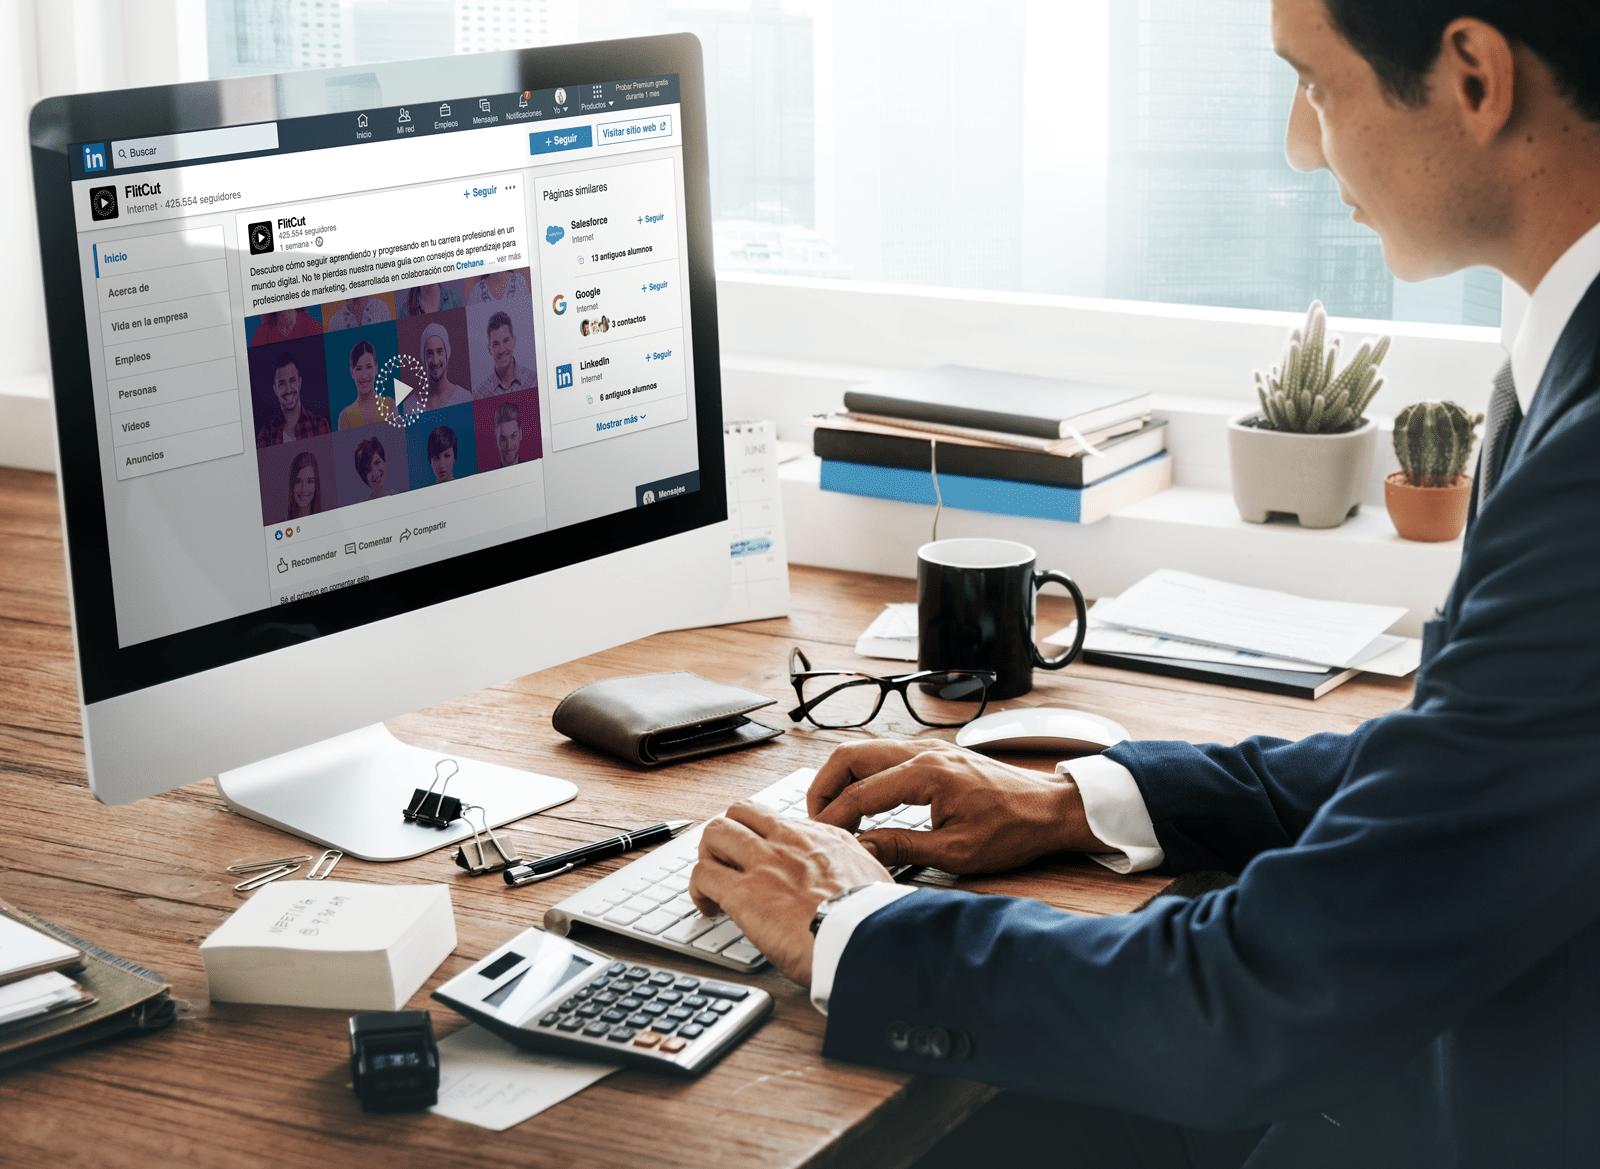 ¿Por qué usar videos en tu estrategia de LinkedIn?